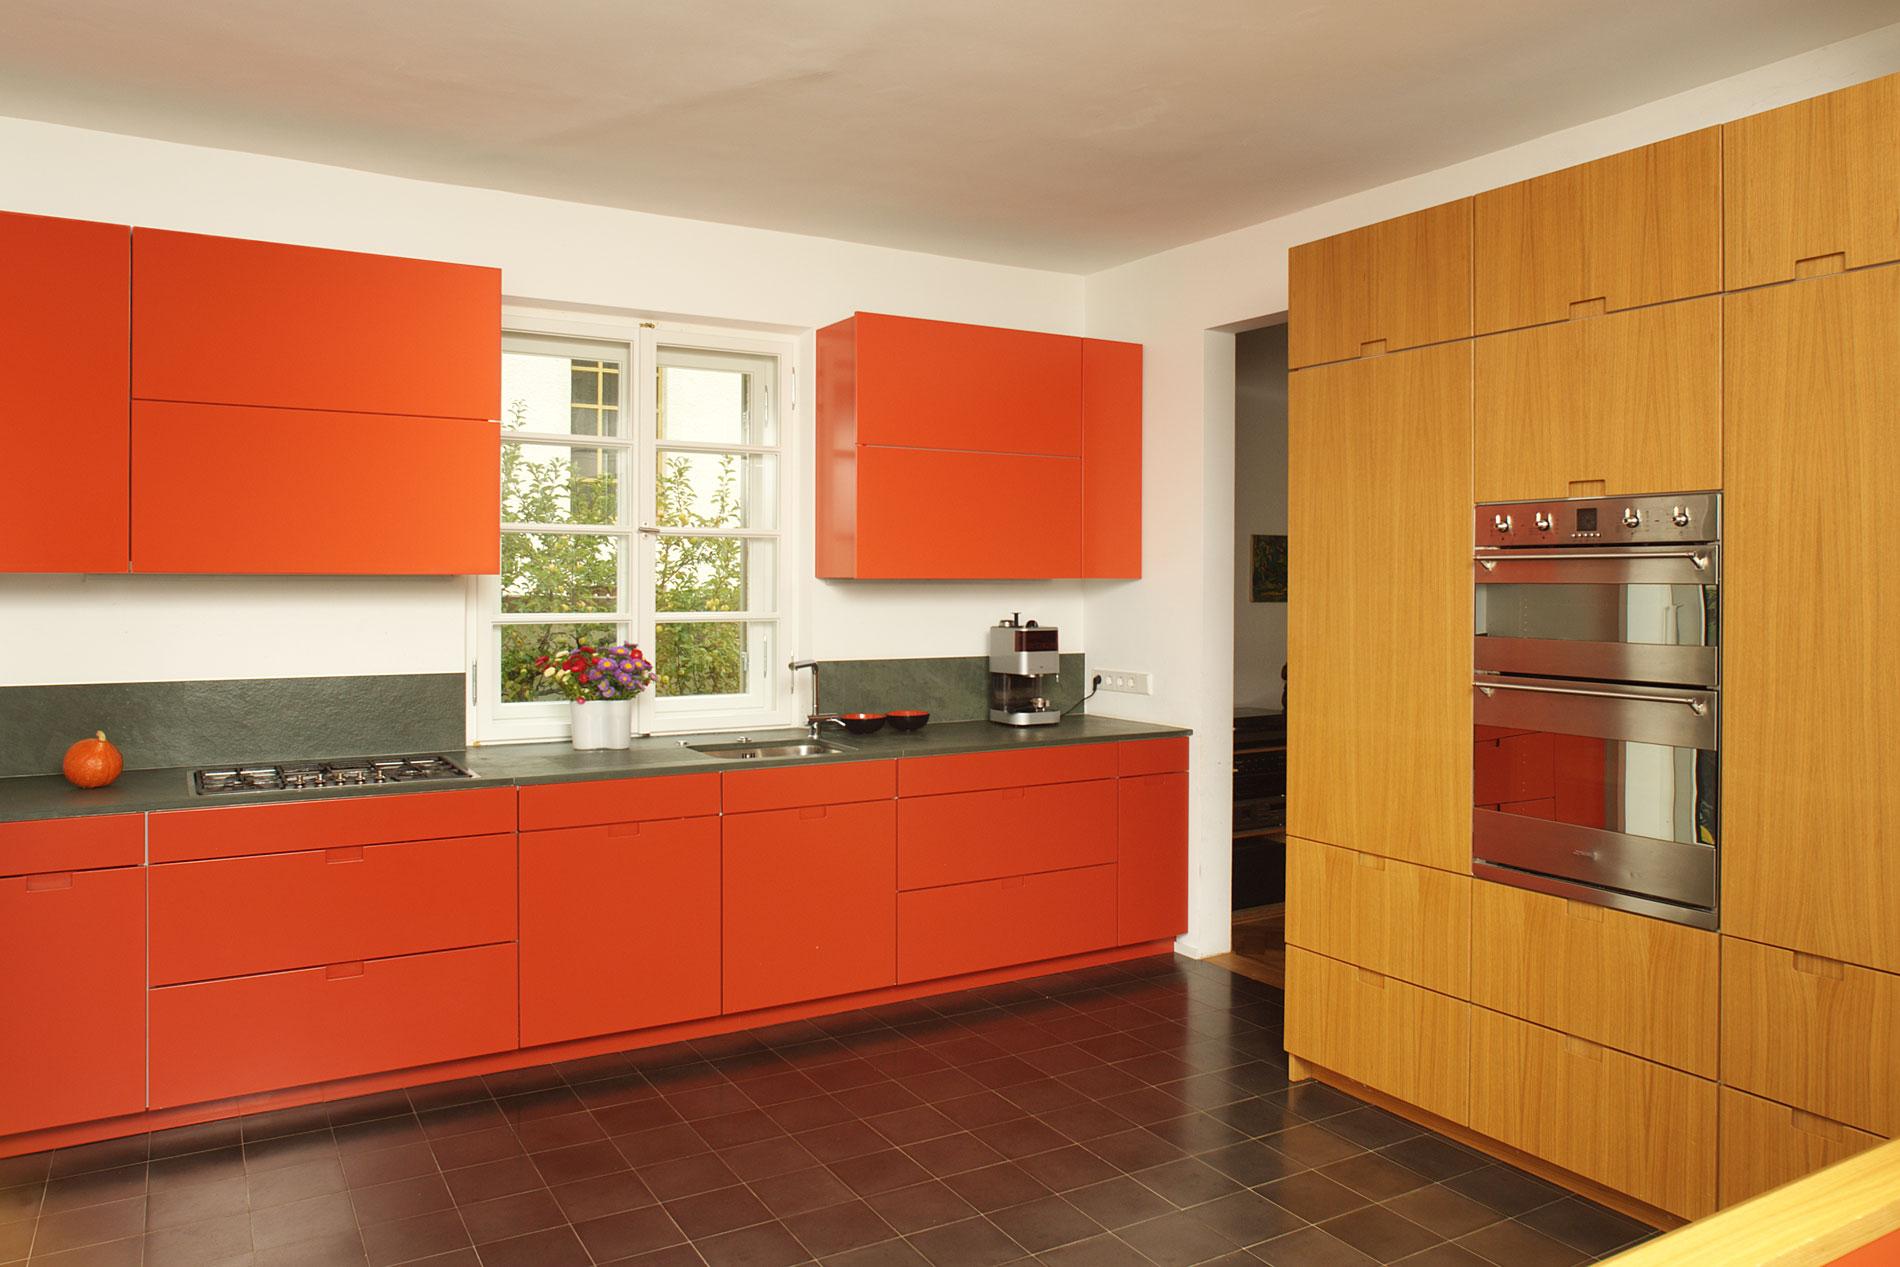 mehrfamilienhaus m nchen 03 dr chselstr wollmann architekten. Black Bedroom Furniture Sets. Home Design Ideas